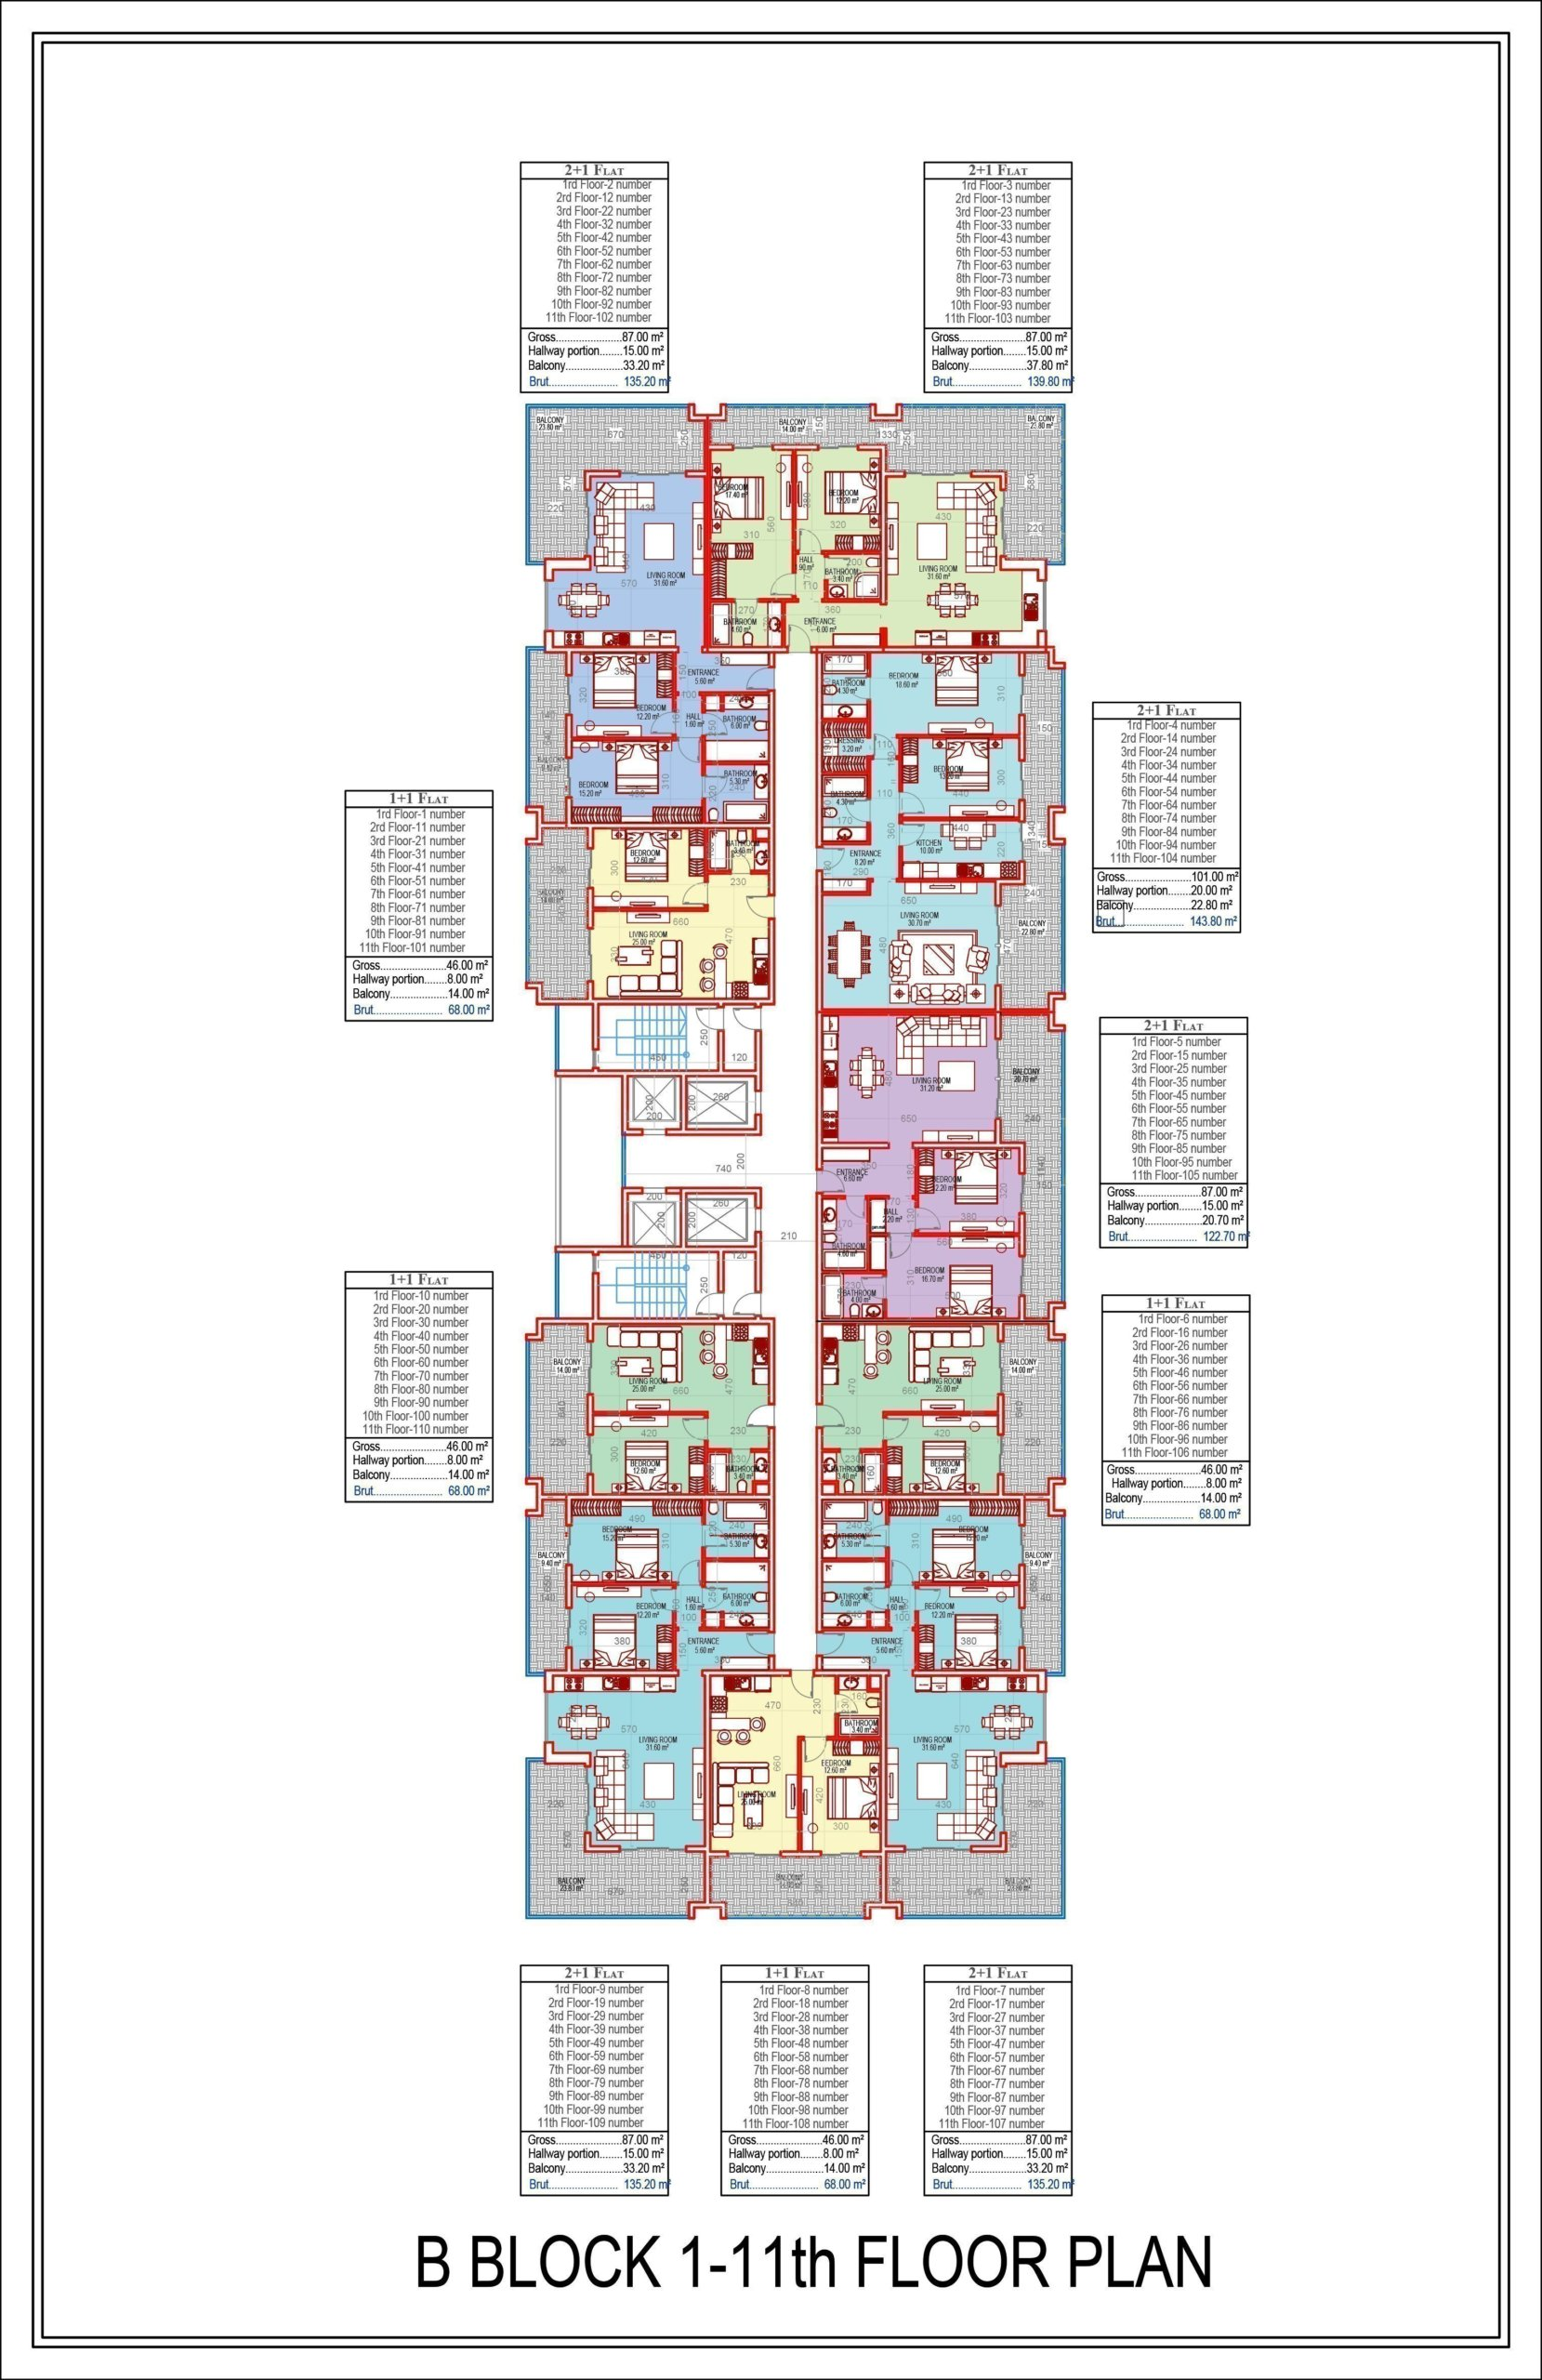 Квартиры планировки 1+1, 2+1, 3+1 и 4+1 в строящемся комплексе